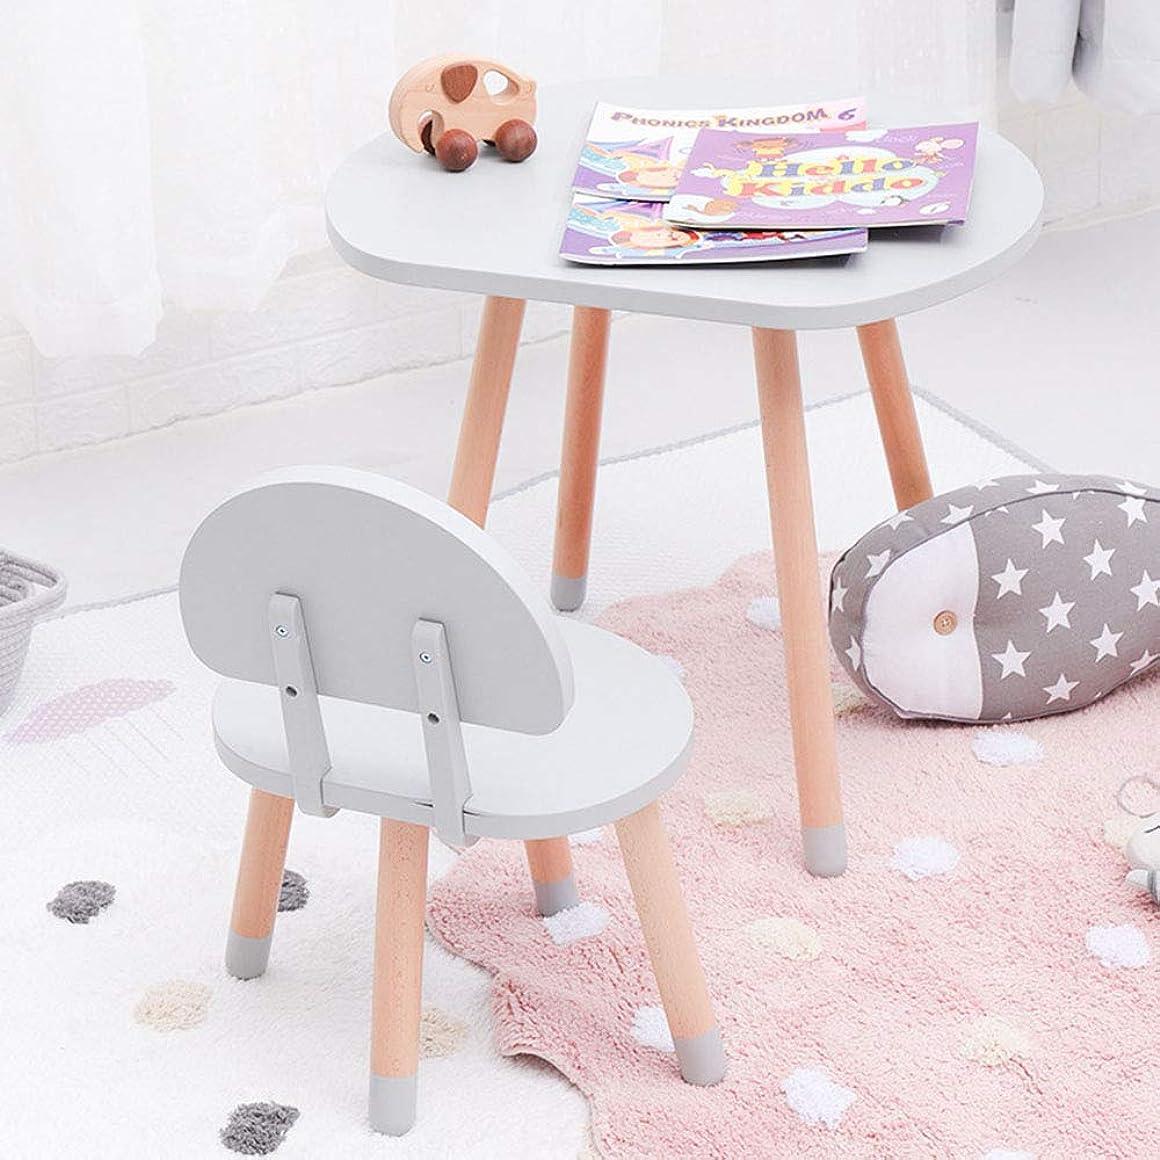 警報学期頑固な[1テーブル1チェア]子供用木製テーブルとチェアの組み合わせ - 幼稚園の机/ゲームテーブル|ビスタプリント背もたれ椅子